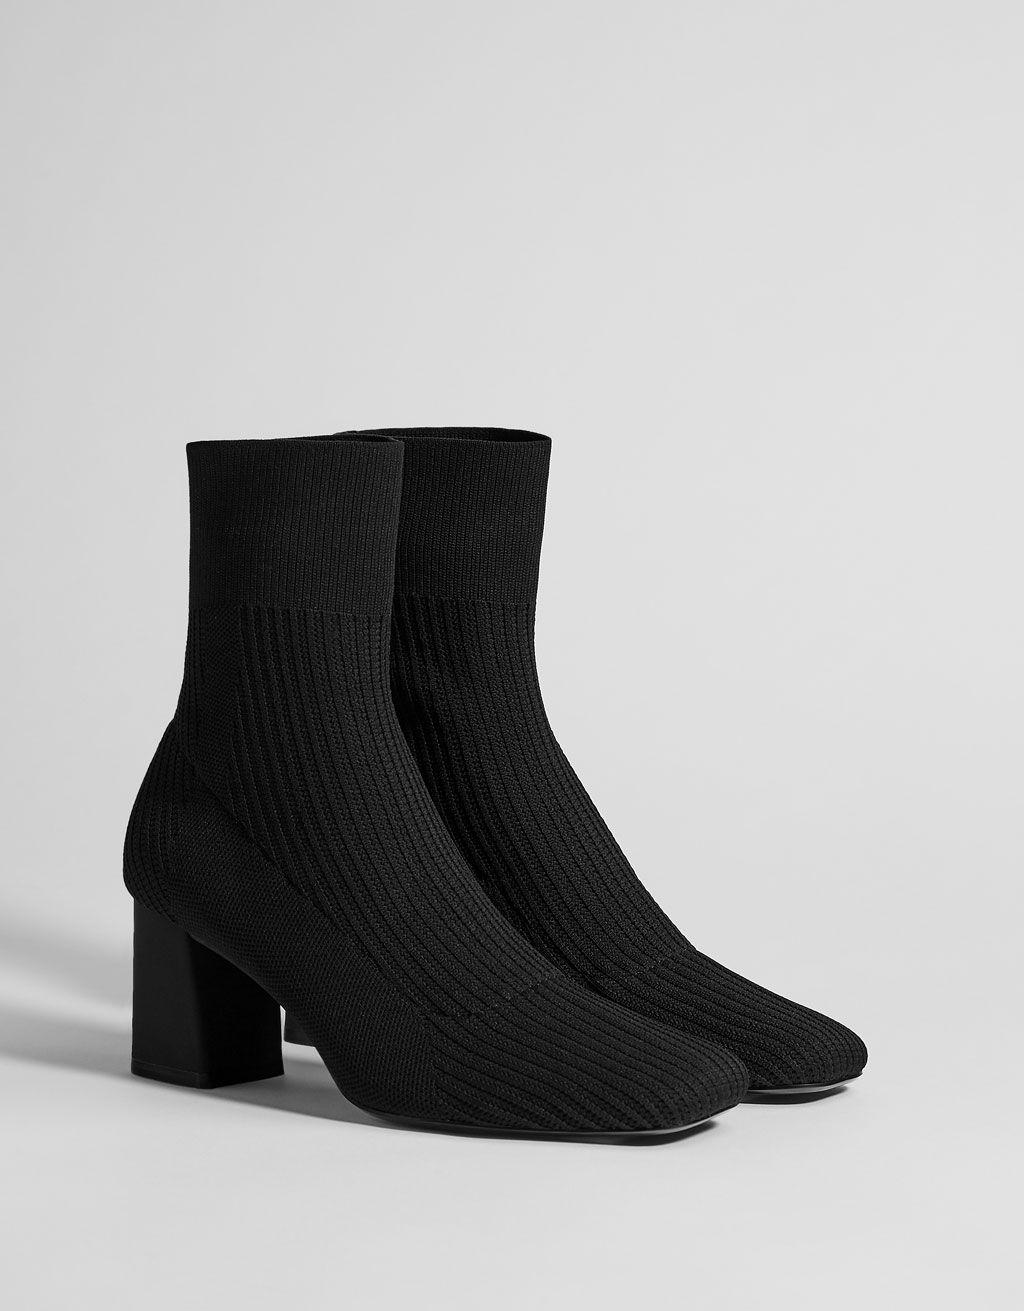 Bottes et bottines   Les 20 bottines chaussettes tendance 2019 Les Bottines  Chaussettes Noires 4759b6865a29